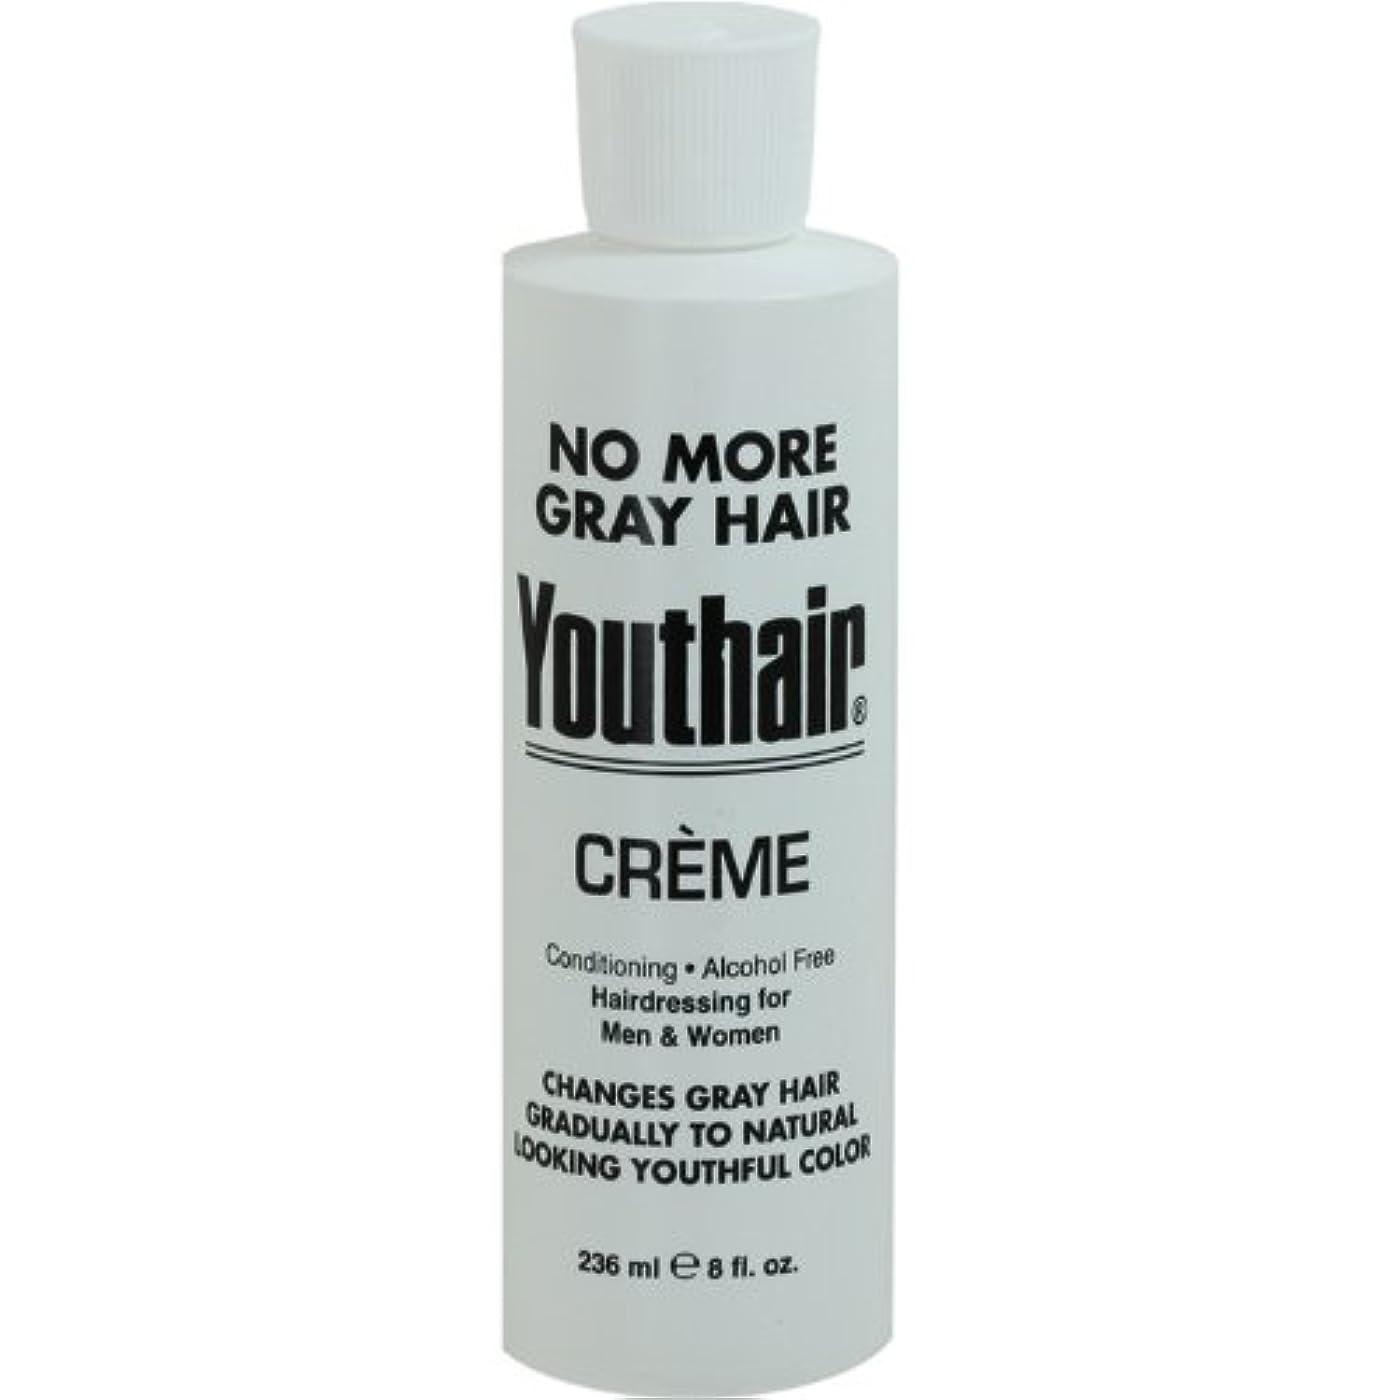 シンプルさ裏切るアシスタントYouthair Creme, Round Bottle, 8 Ounce by Youthair